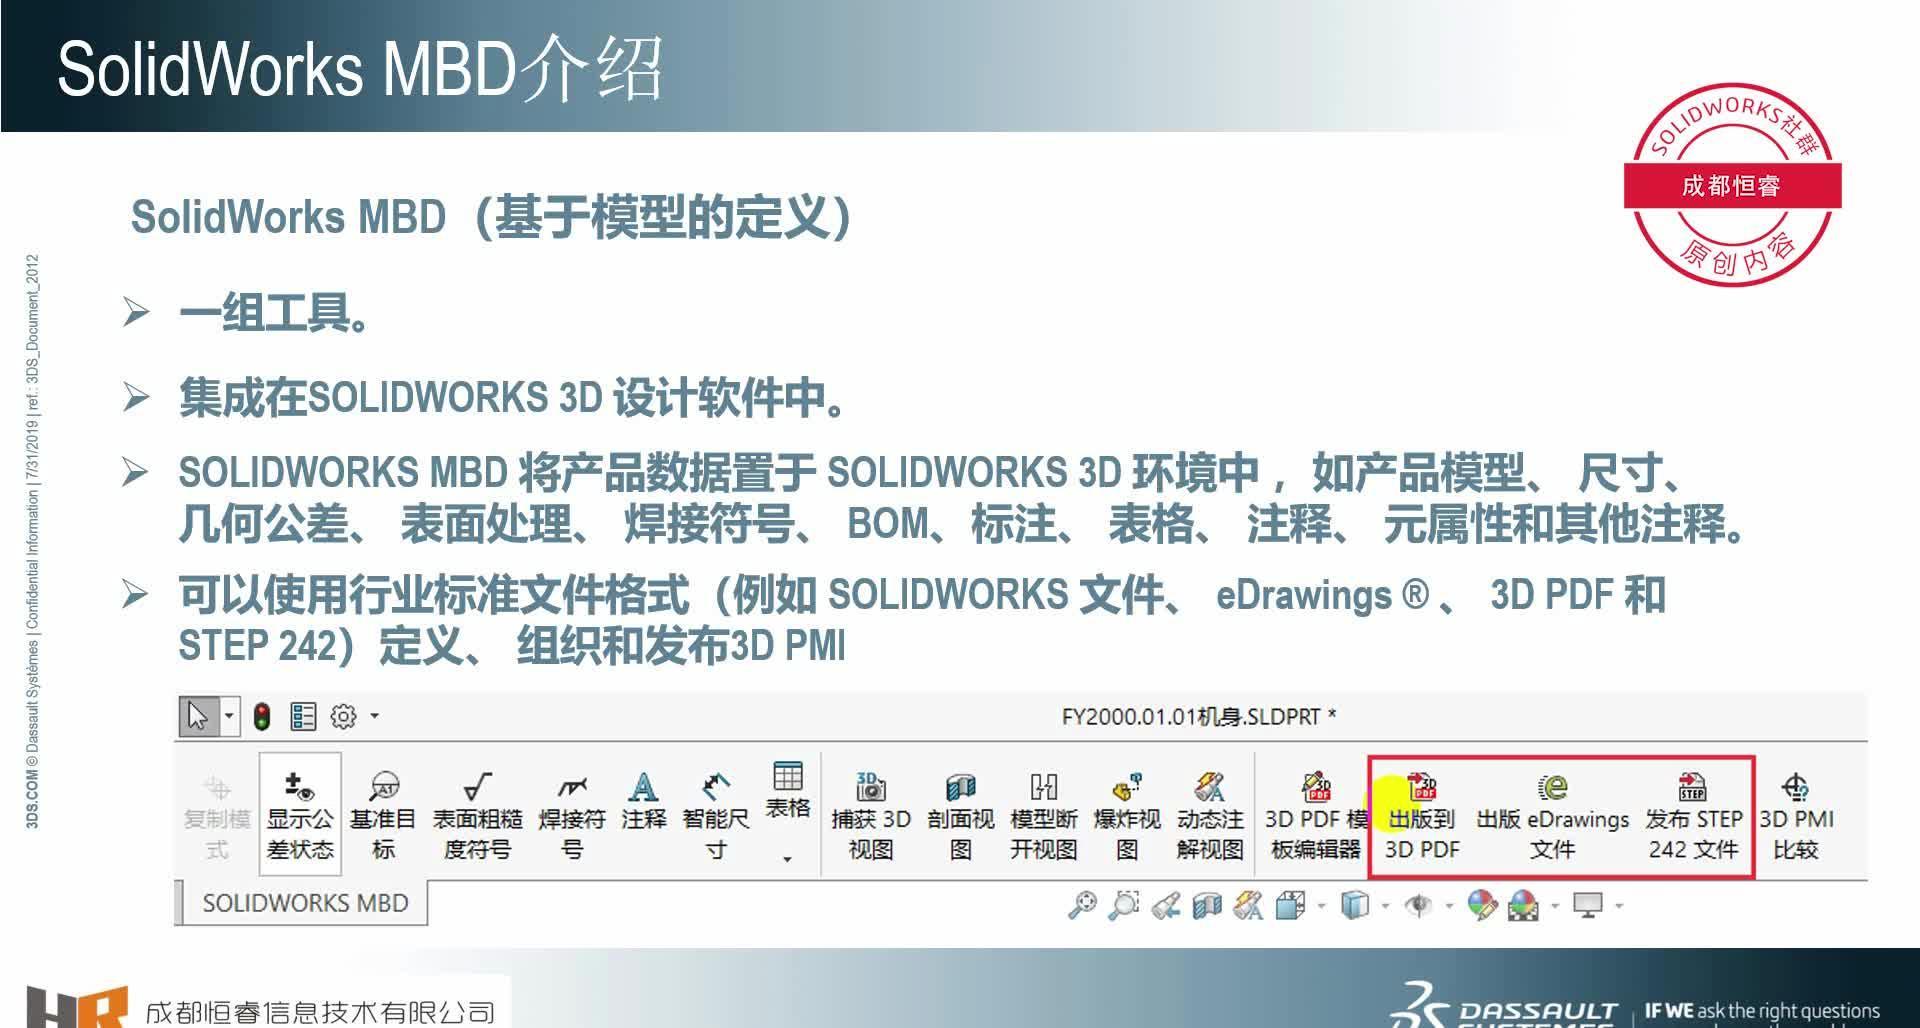 SOLIDWORKS MBD线上技术应用讲解- 知乎